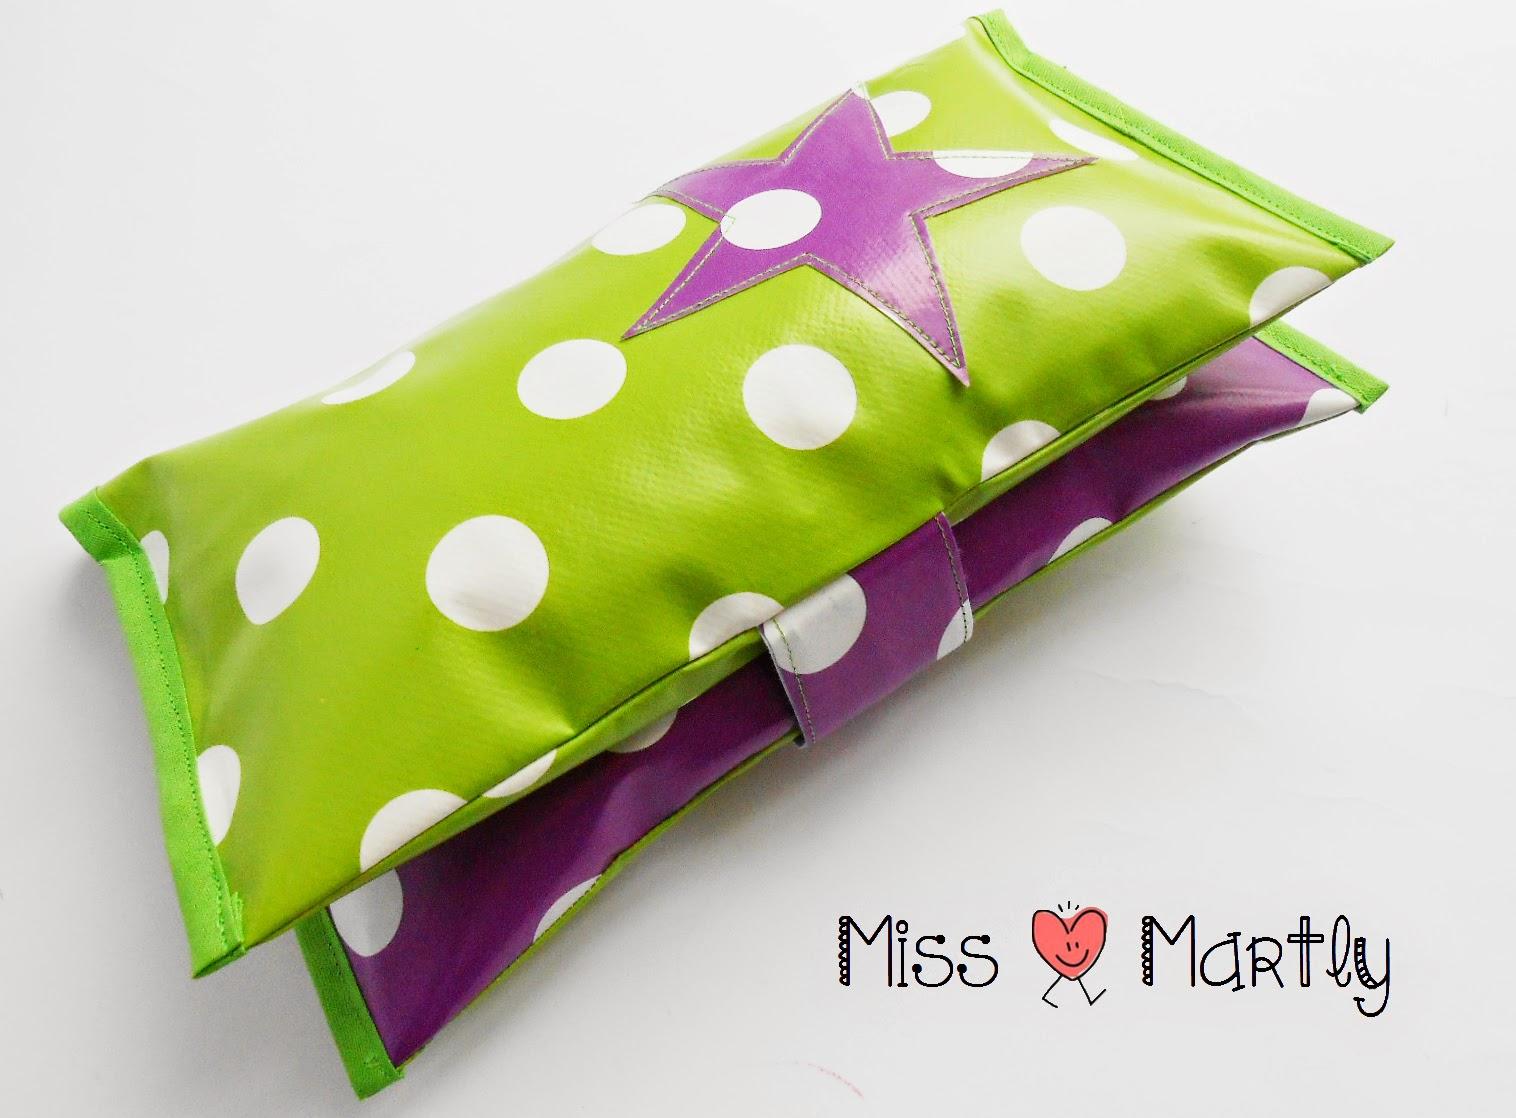 miss martly abwaschbare windeltasche aus wachstuch gr n violet. Black Bedroom Furniture Sets. Home Design Ideas